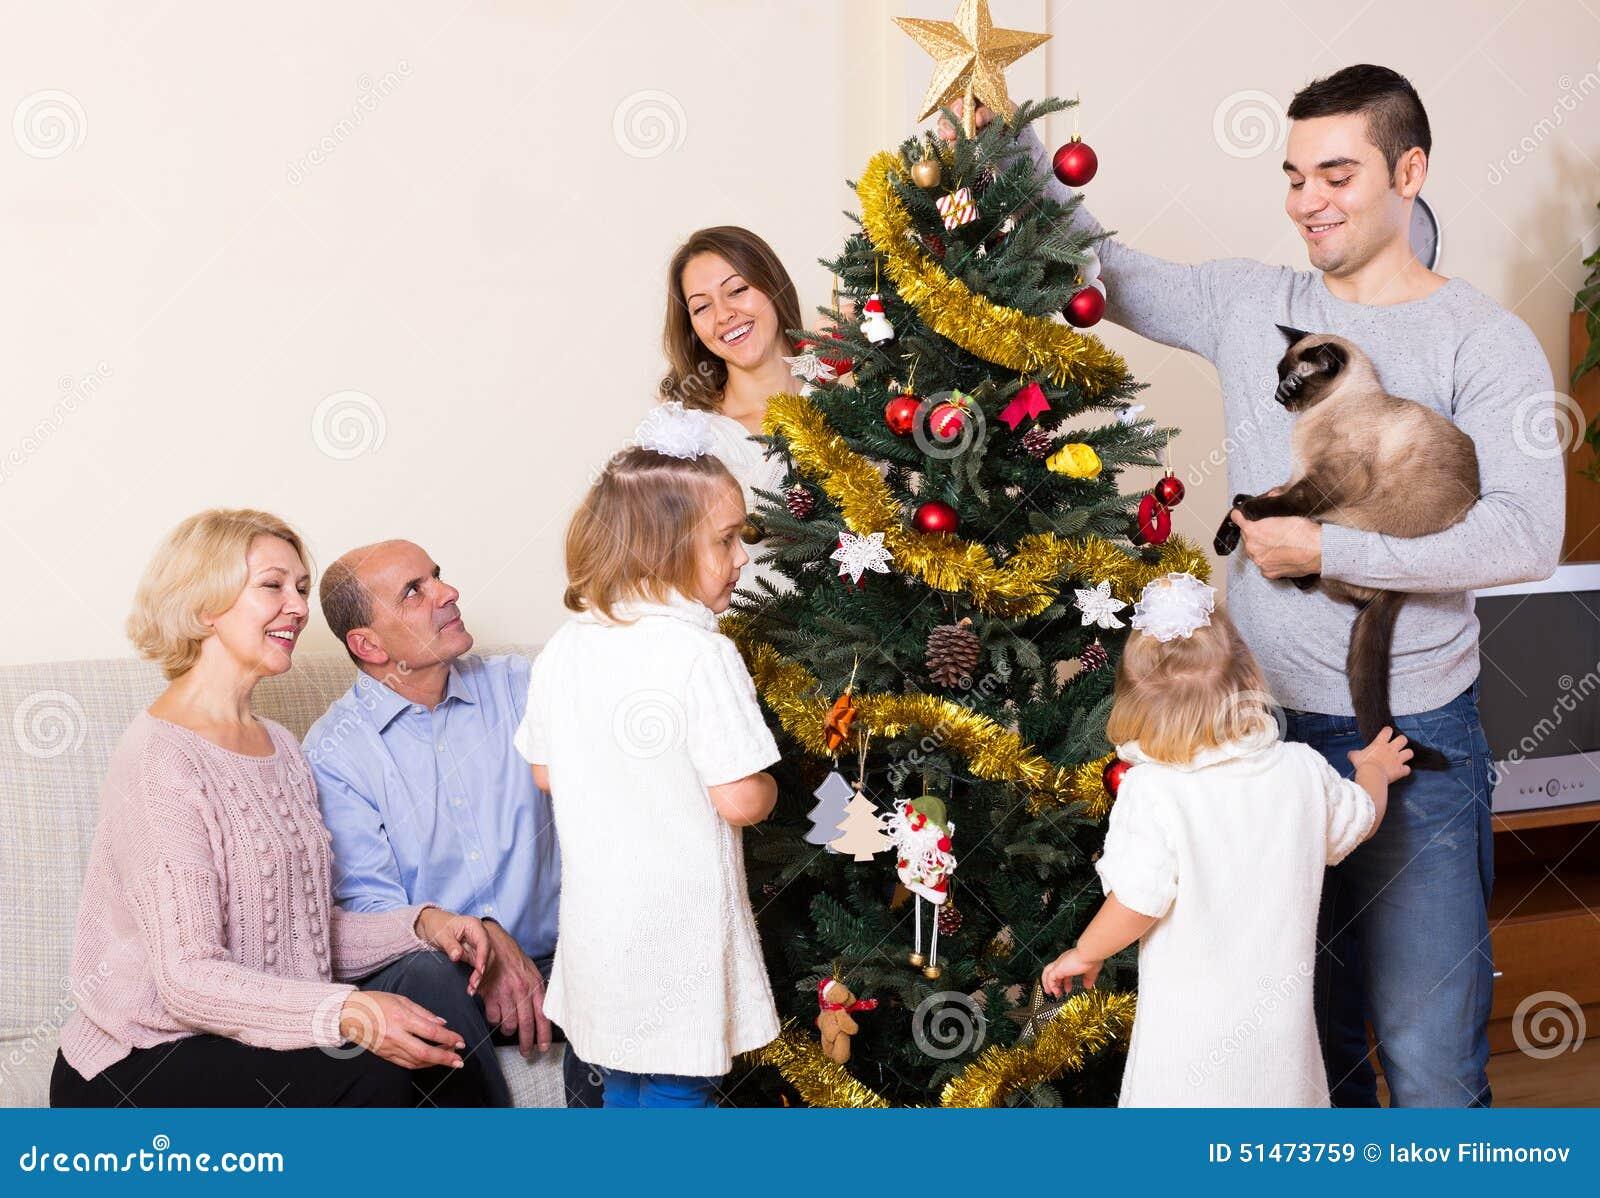 family christmas tree farm el cajon prices